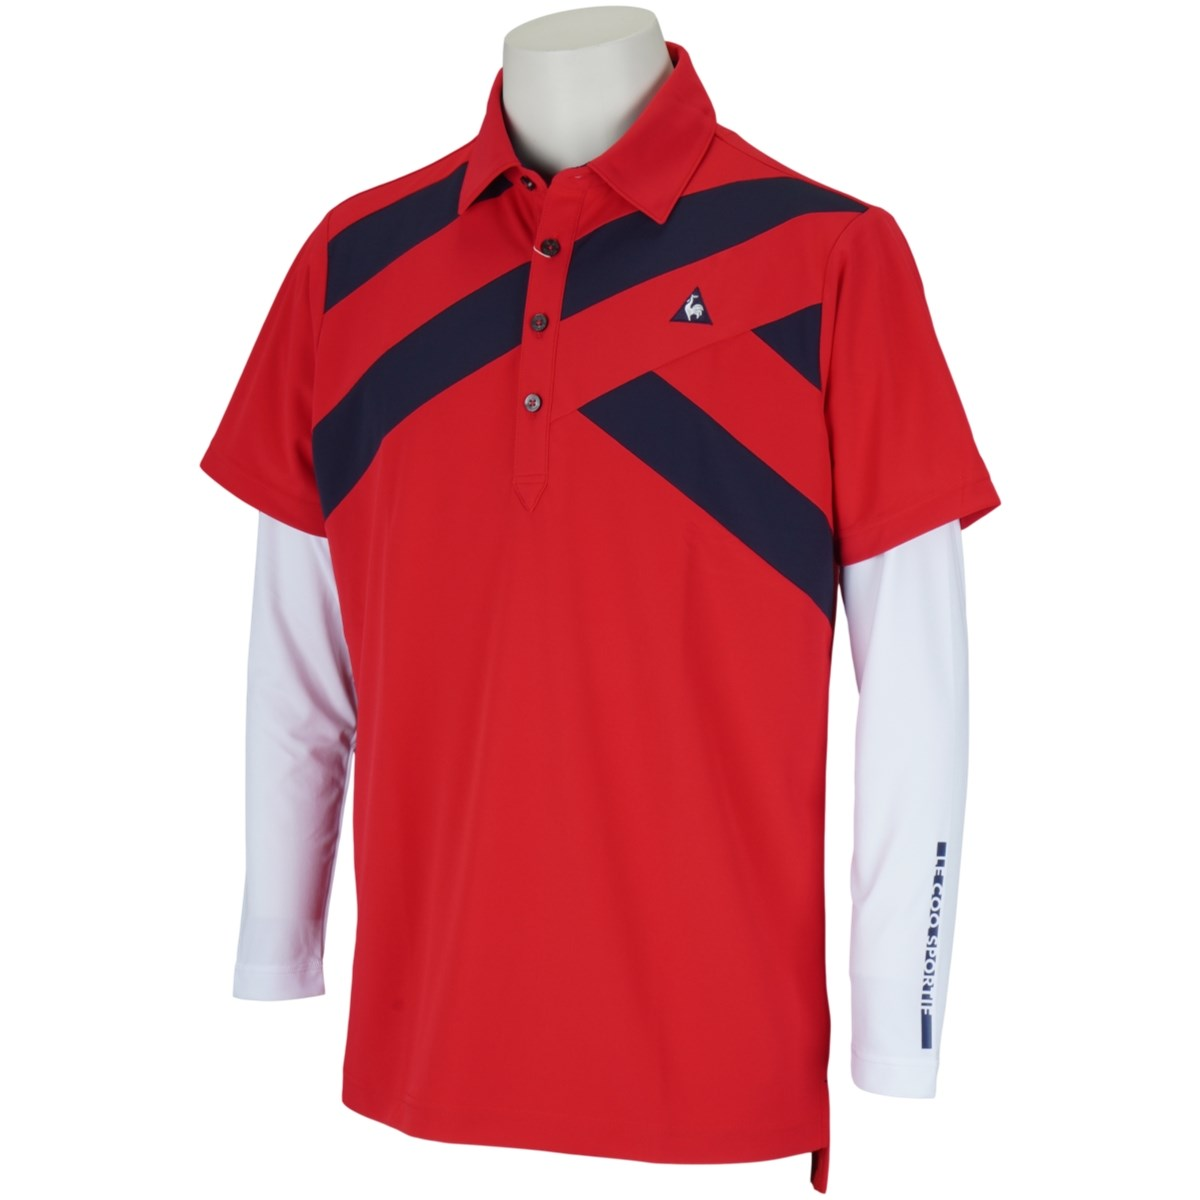 ルコックゴルフ Le coq sportif GOLF 長袖アンダーシャツ付き ストレッチ半袖ポロシャツ M レッド 00